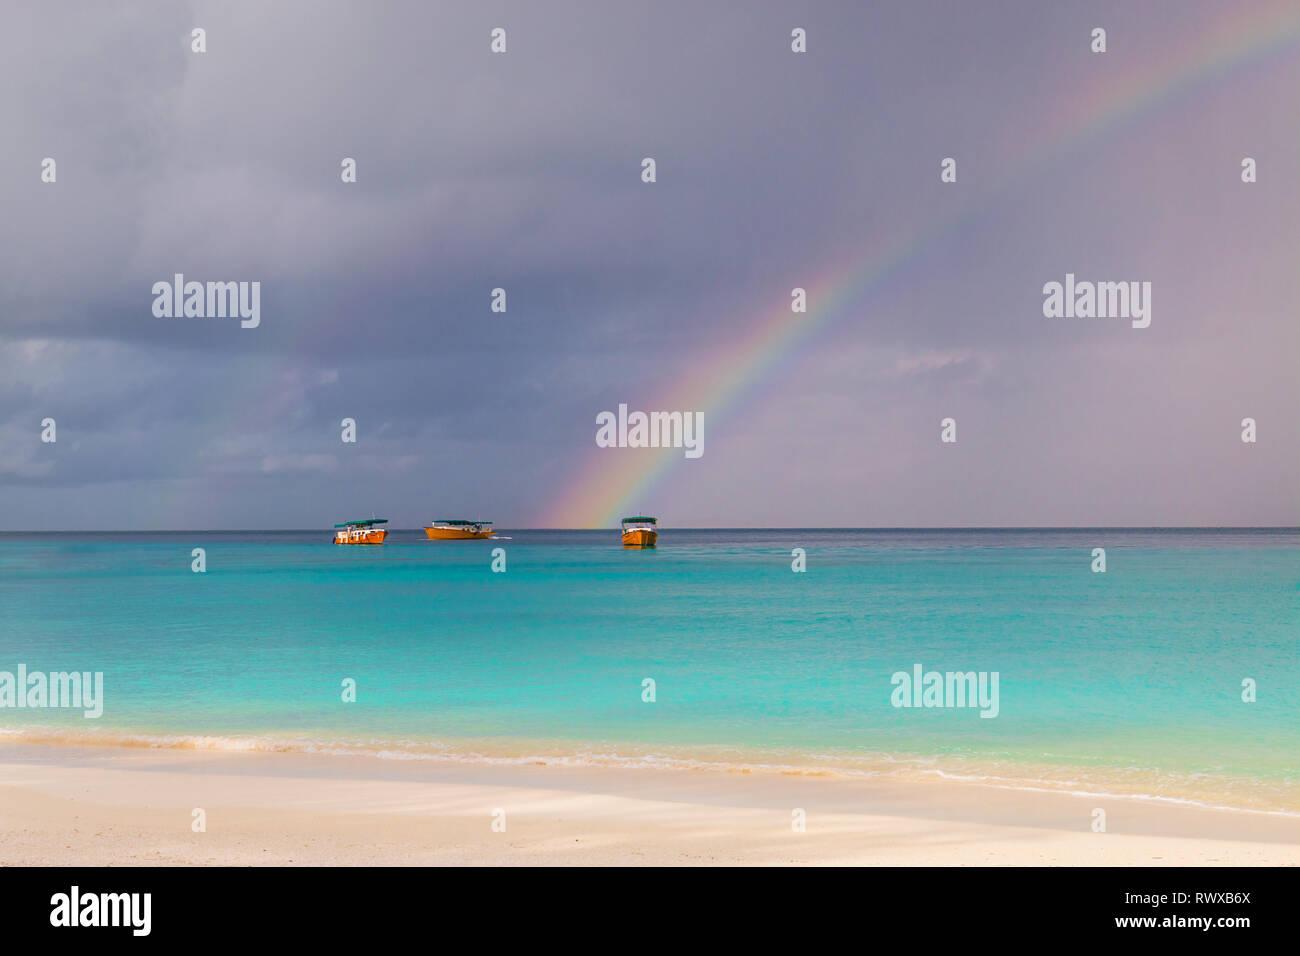 Regenbogen im Paradies - wunderschöne Regenbogen auf den Malediven mit Booten in den Hintergrund Stockfoto